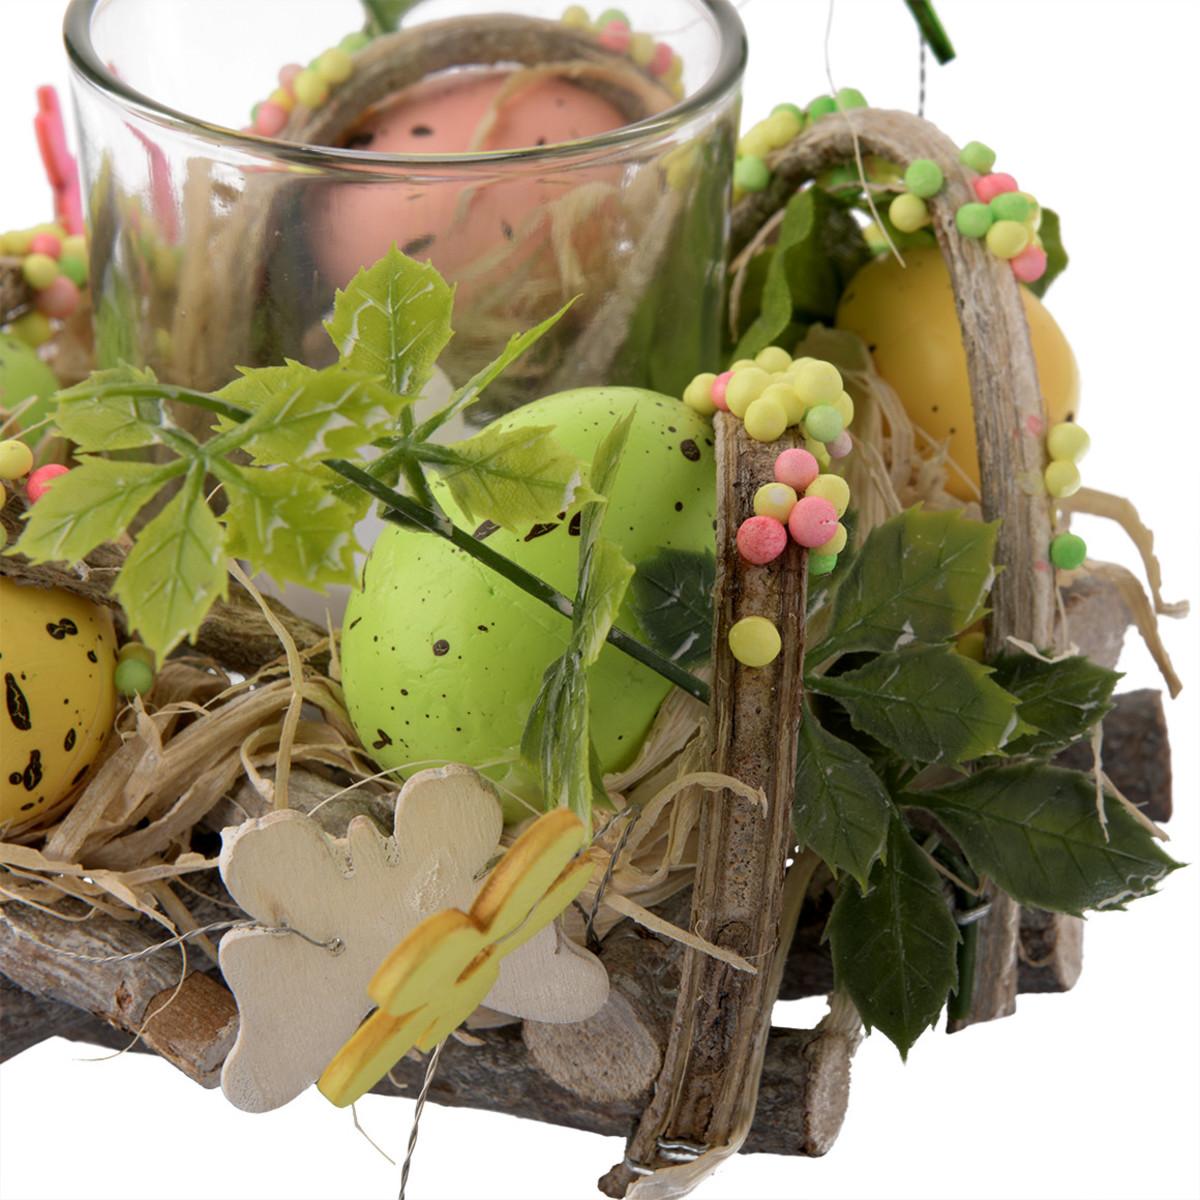 Bild 4 von Deko-Kranz mit Teelichthalter